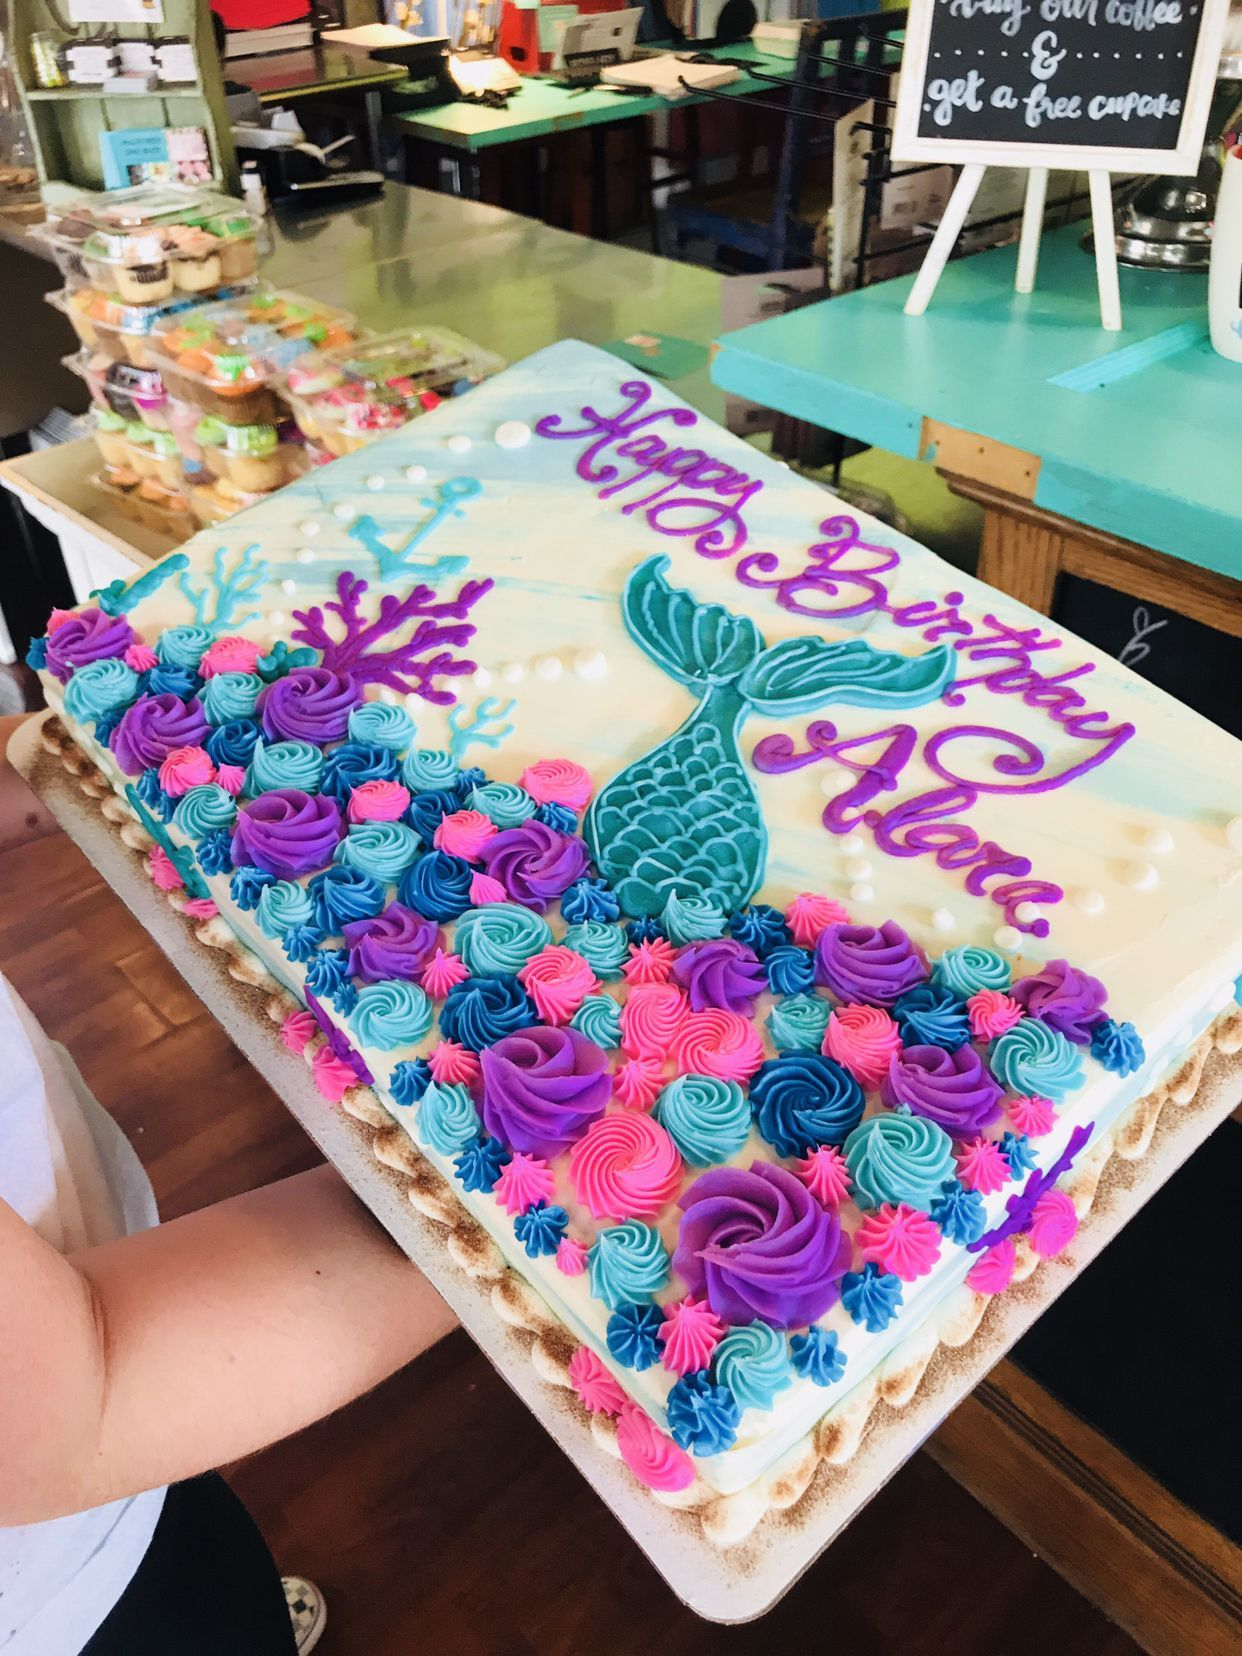 Photo of Meerjungfrau-Kuchen-   Kuchen-Geburtstags-Meerjungfrau-Kuchen. Ich nahm eine Pro…